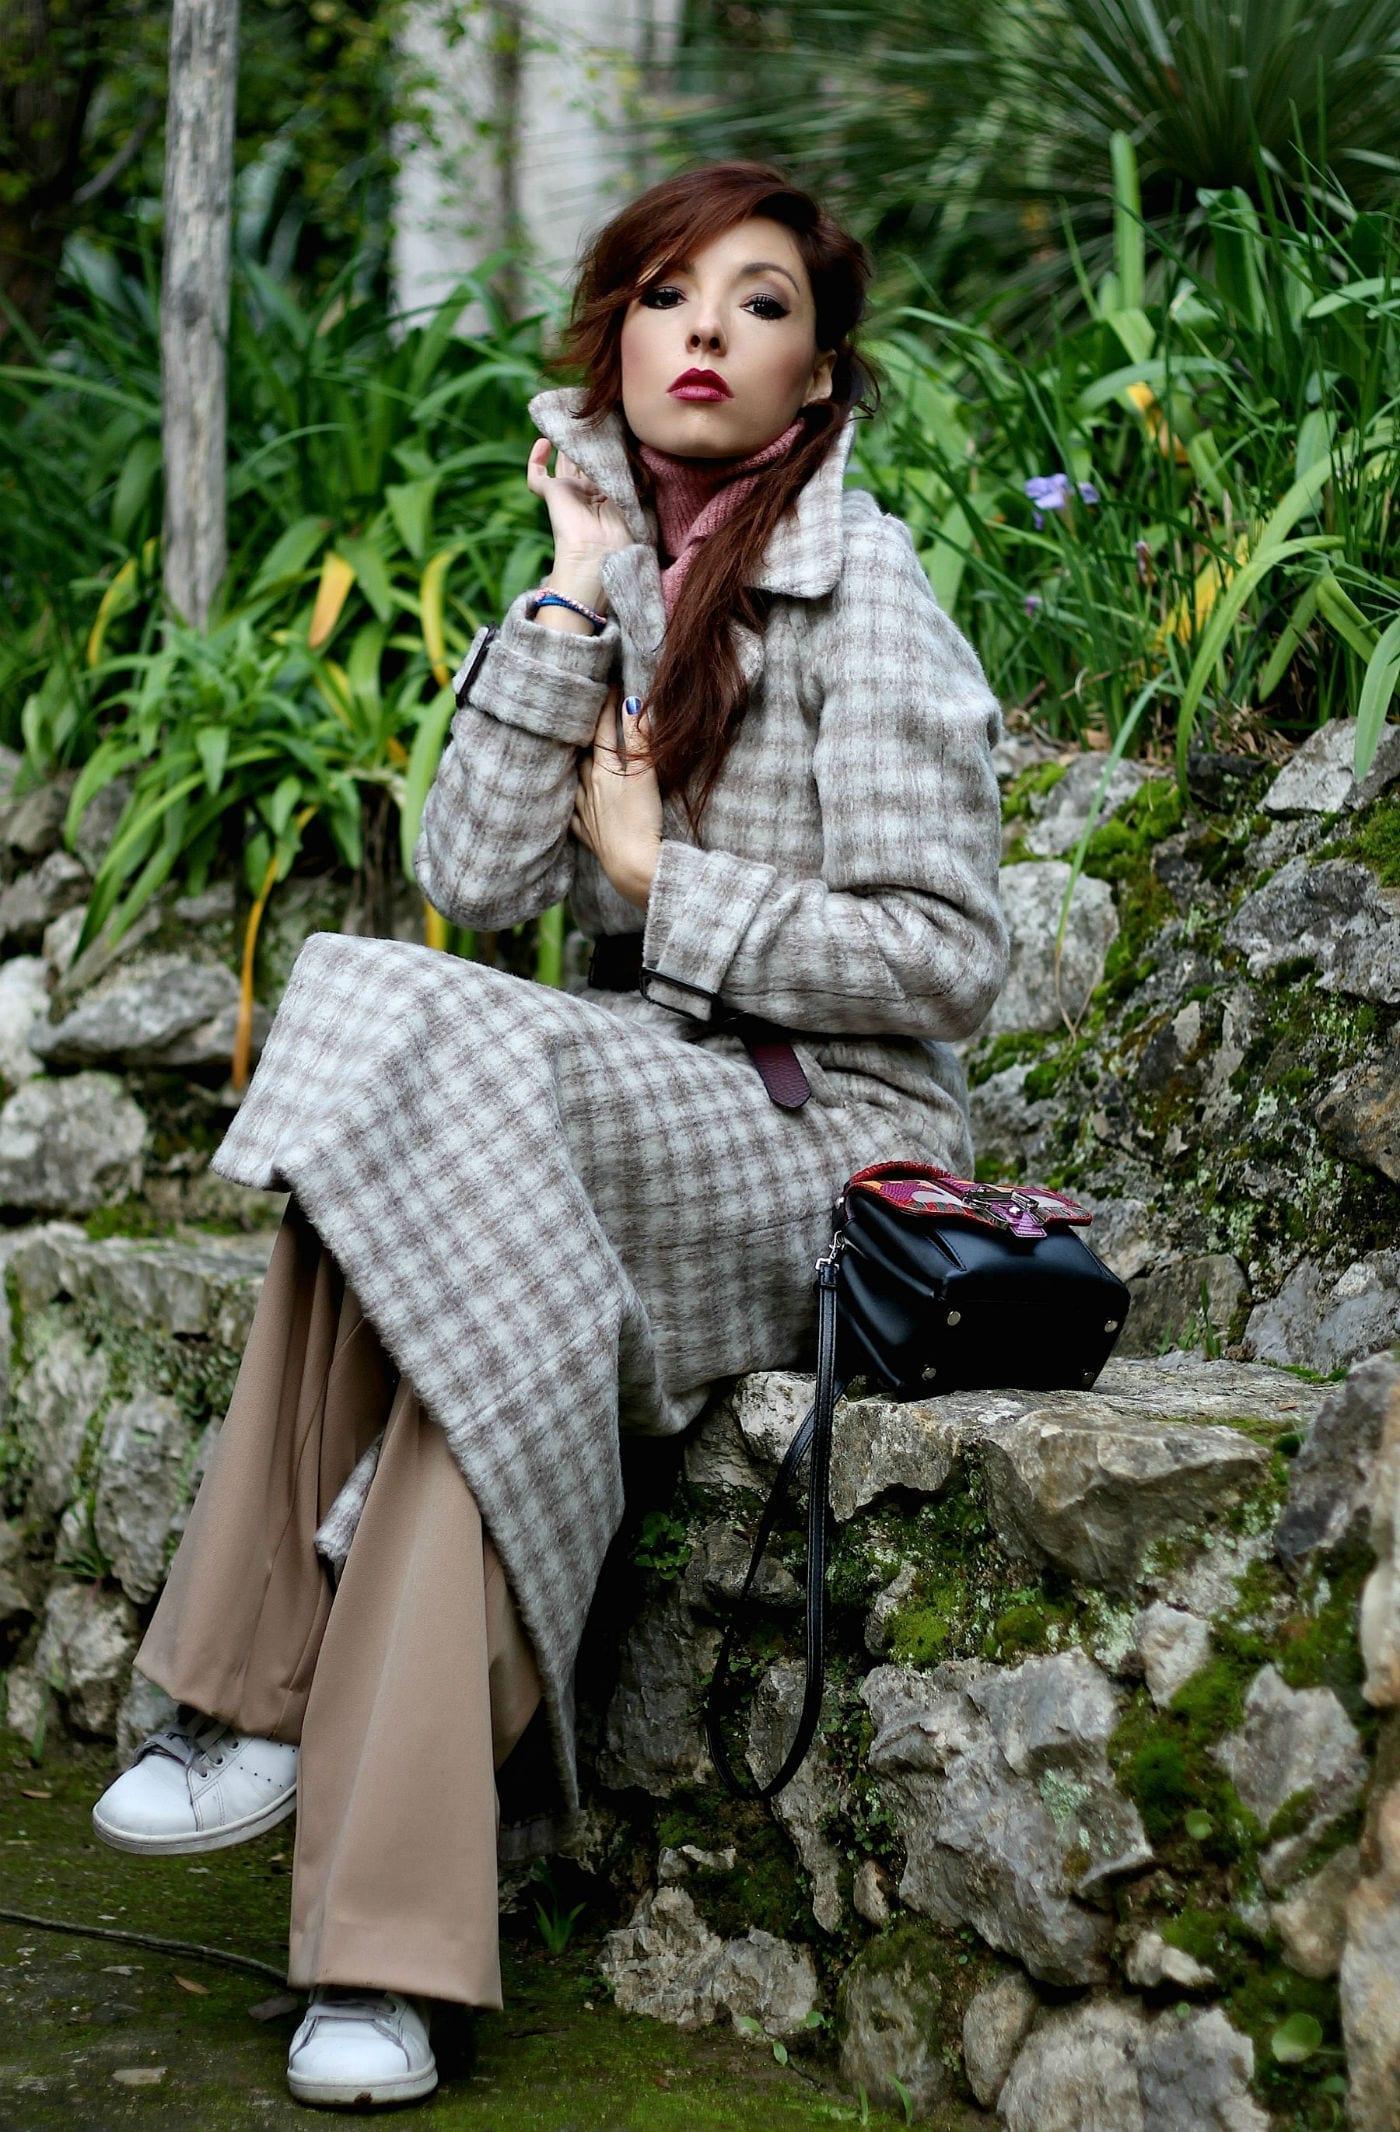 theladycracy.it, elisa bellino, c'è bisogno d'innamorarsi, flaneur, fashion blogger italiane famose, essere alla moda in inverno, outfit caldi blogger, parchi botanici menton, outfit invernali blogger